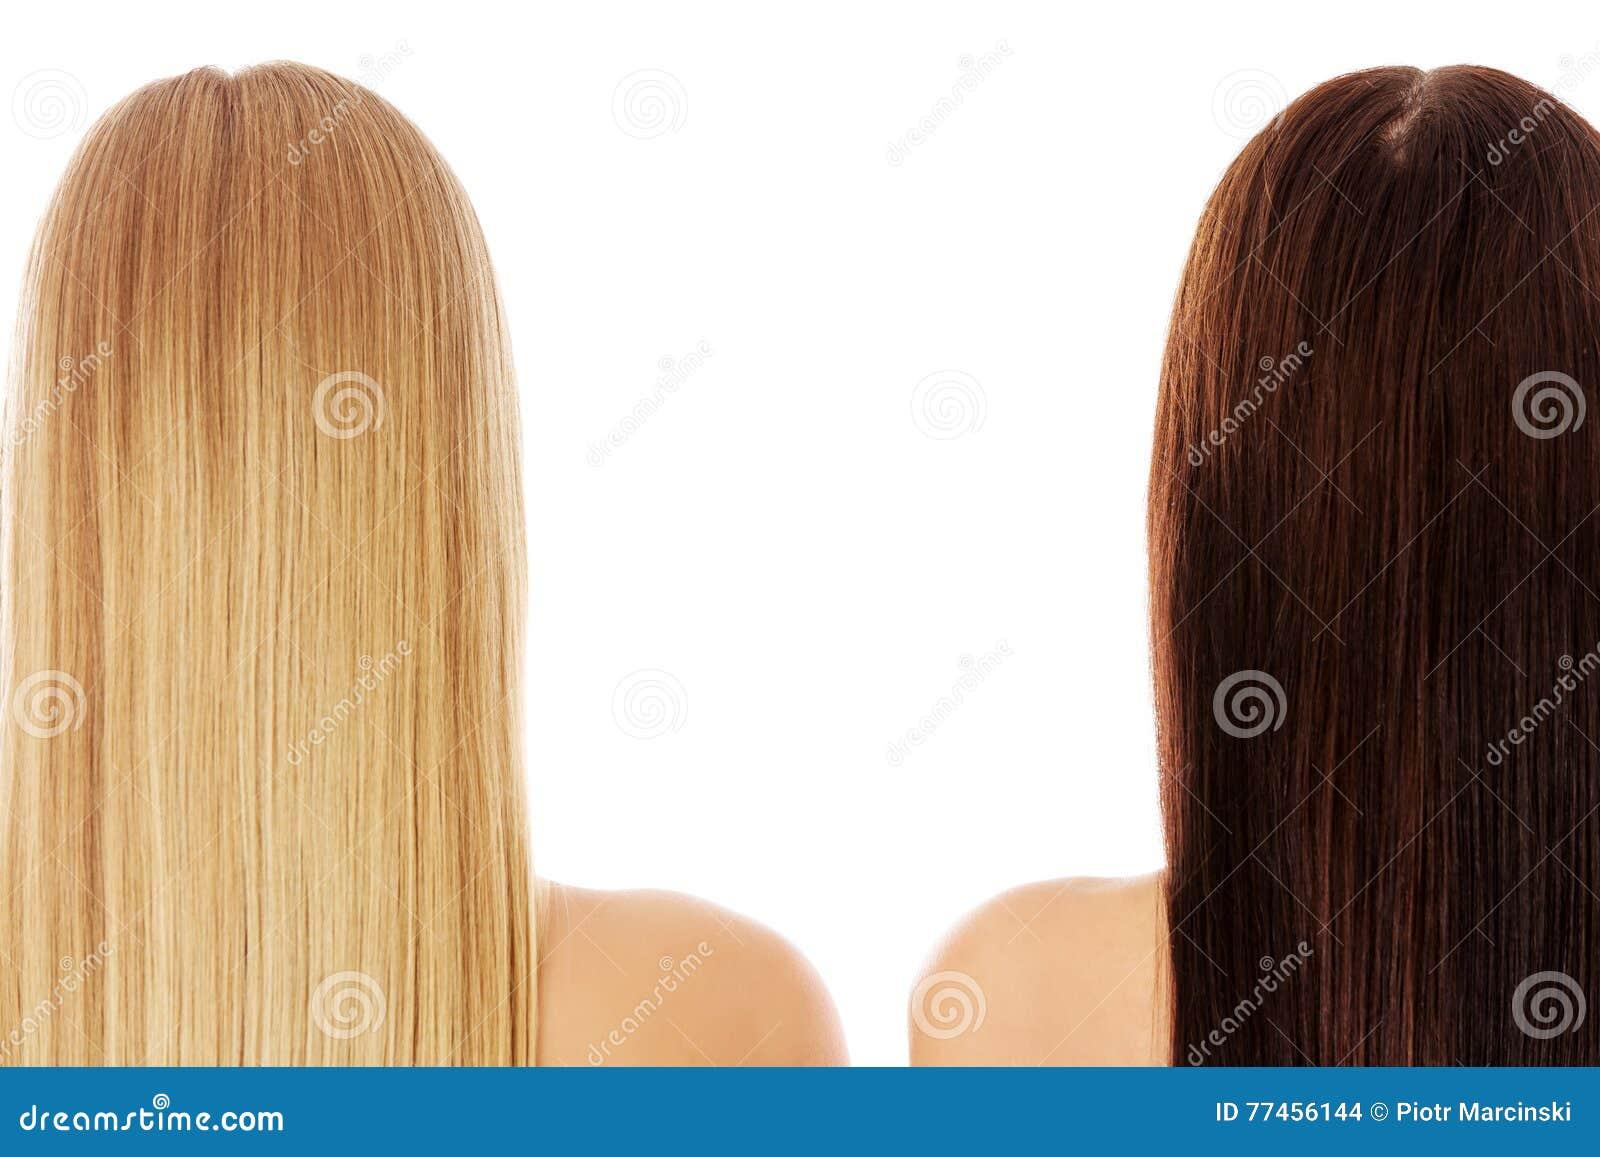 Capelli Lunghi Hairstyle Salone Di Capelli Donna Con ...